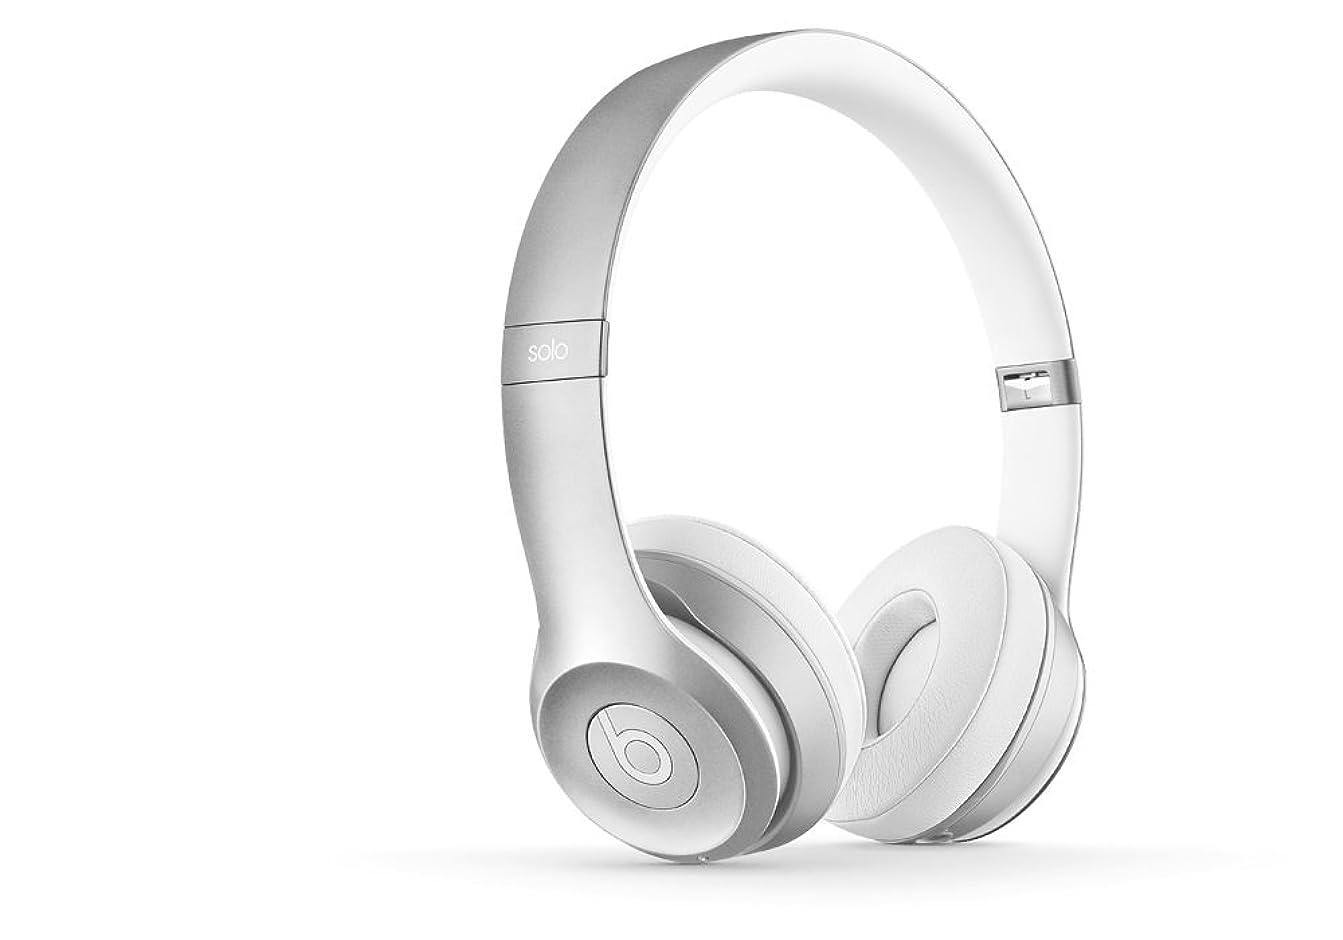 鷹乱雑なピン国内正規品Beats Solo2 ワイヤレスオンイヤーヘッドフォン Bluetooth対応 シルバー MKLE2PA/A